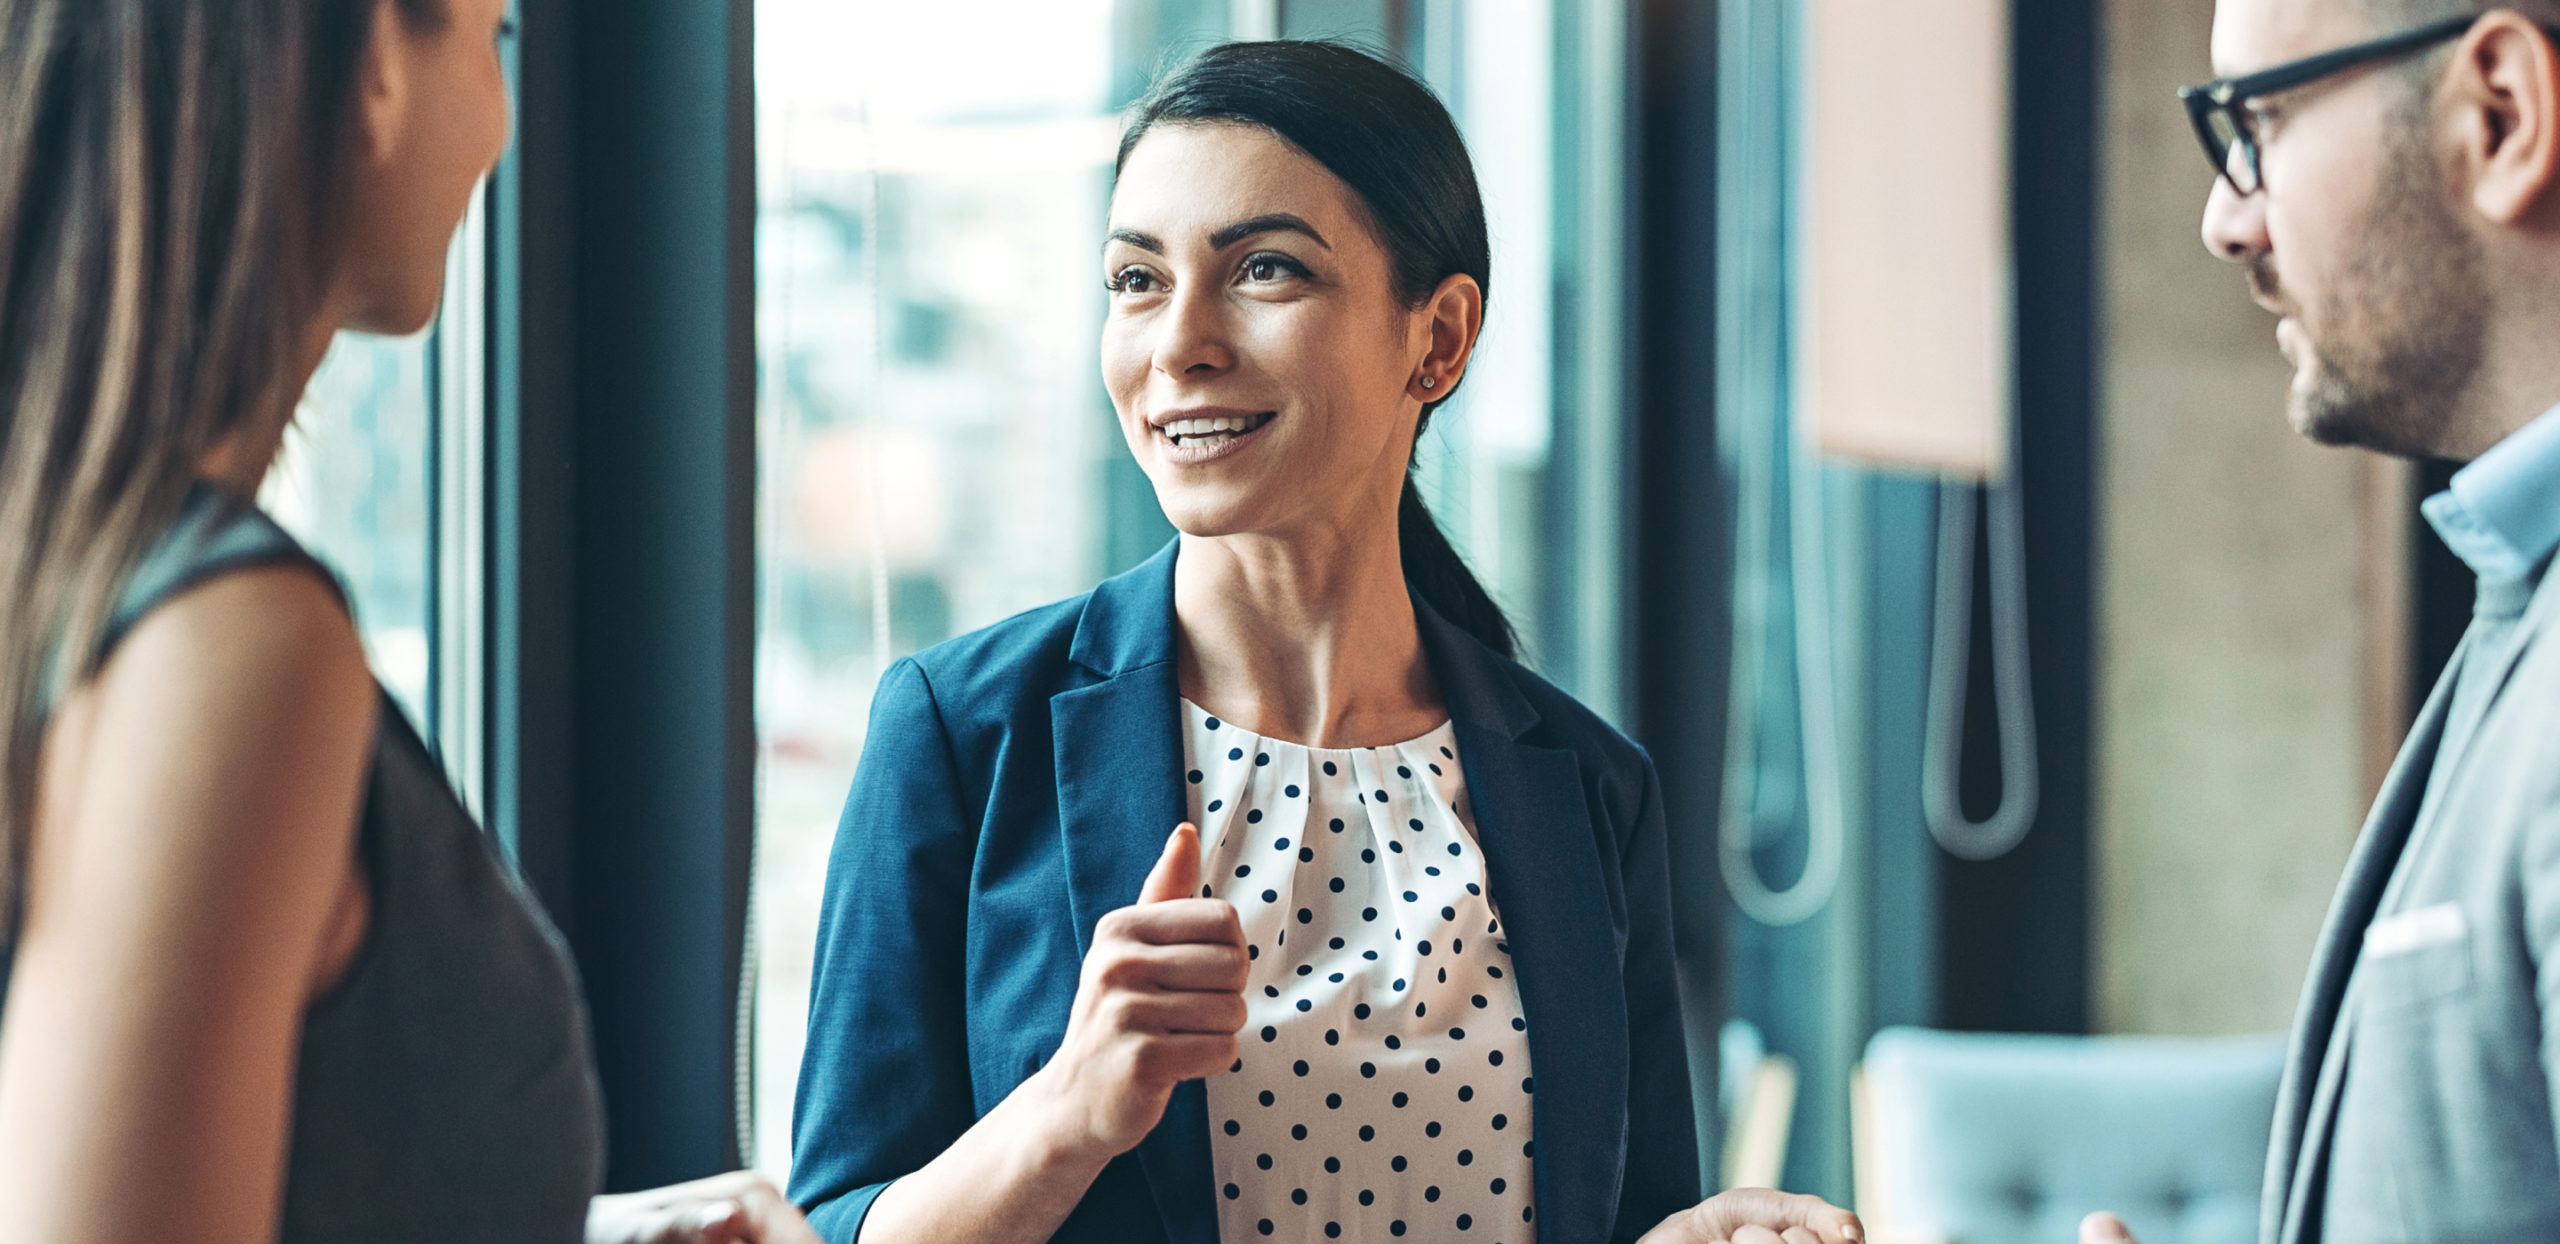 Lächelnde Frau im Gespräch mit Kollegen